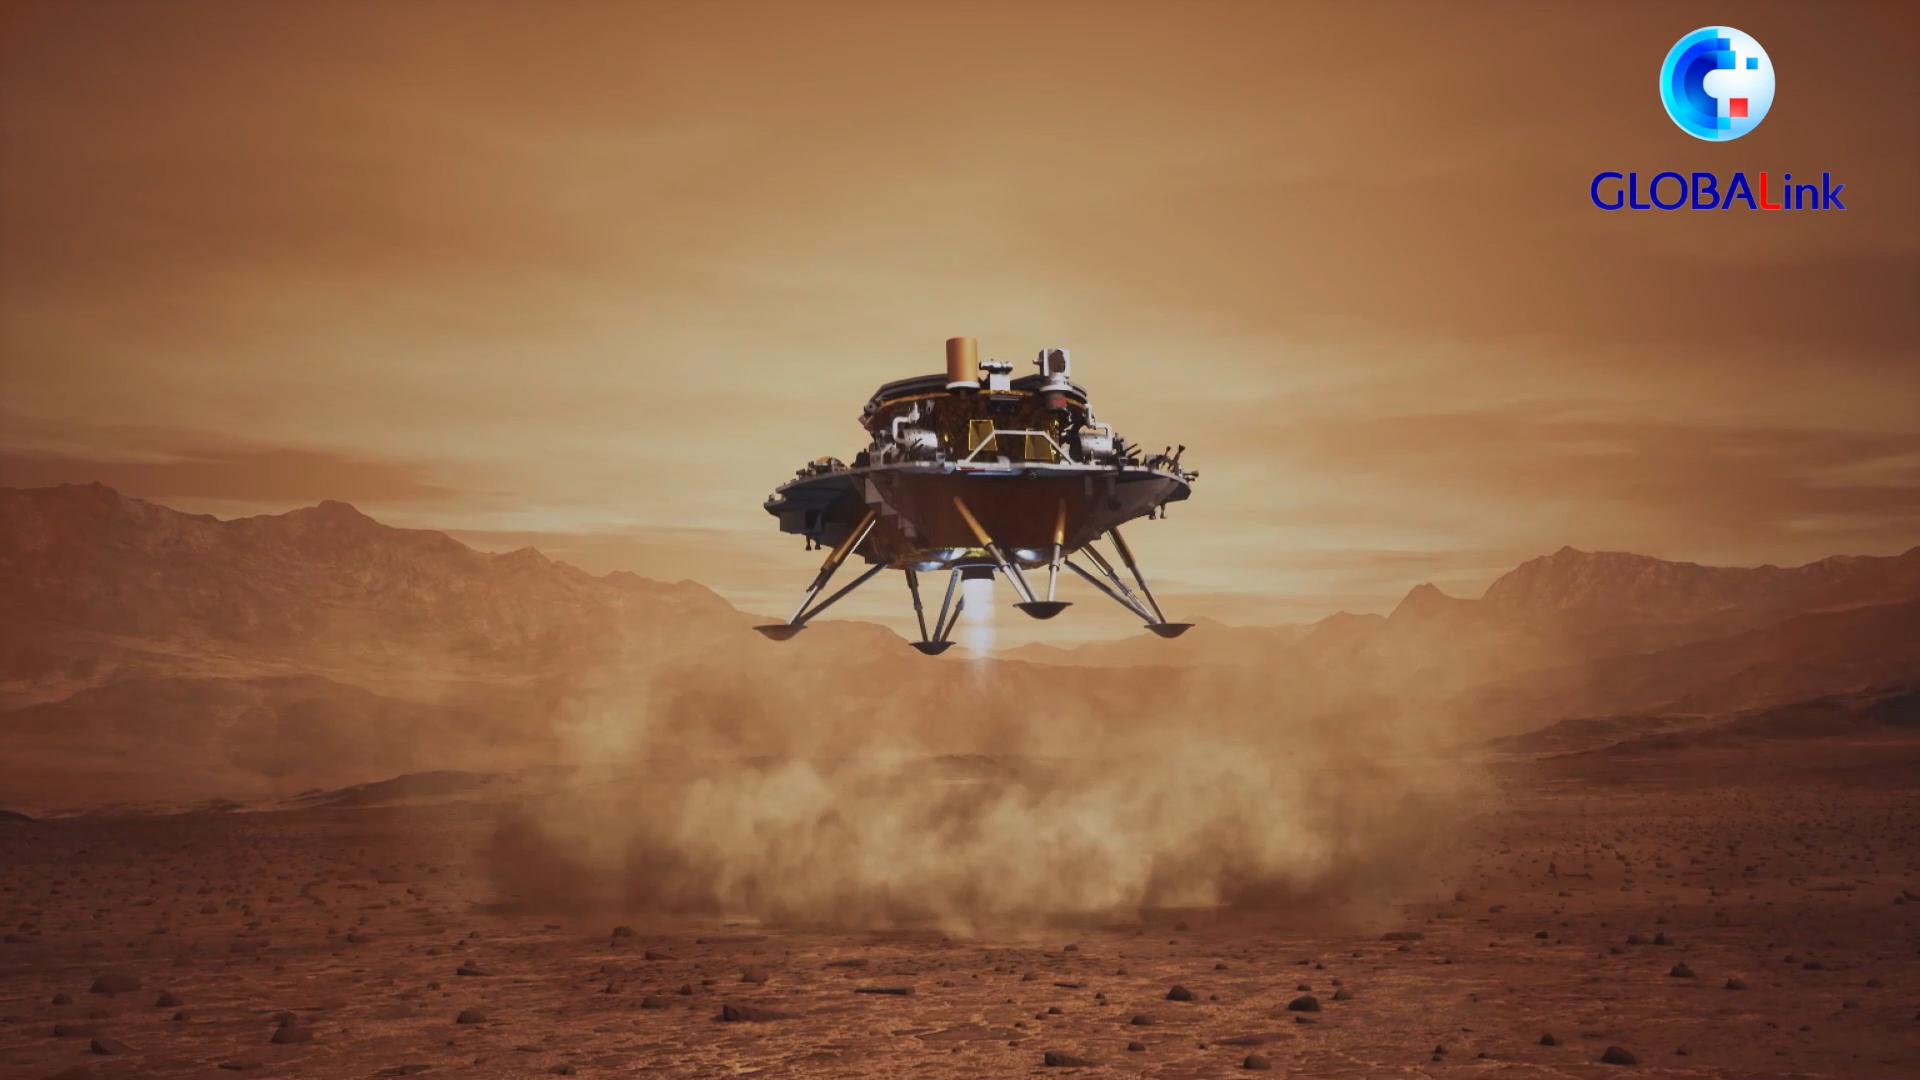 แอนิเมชันโชว์ 'จู้หรง' ของจีน ปฏิบัติภารกิจบนดาวอังคาร